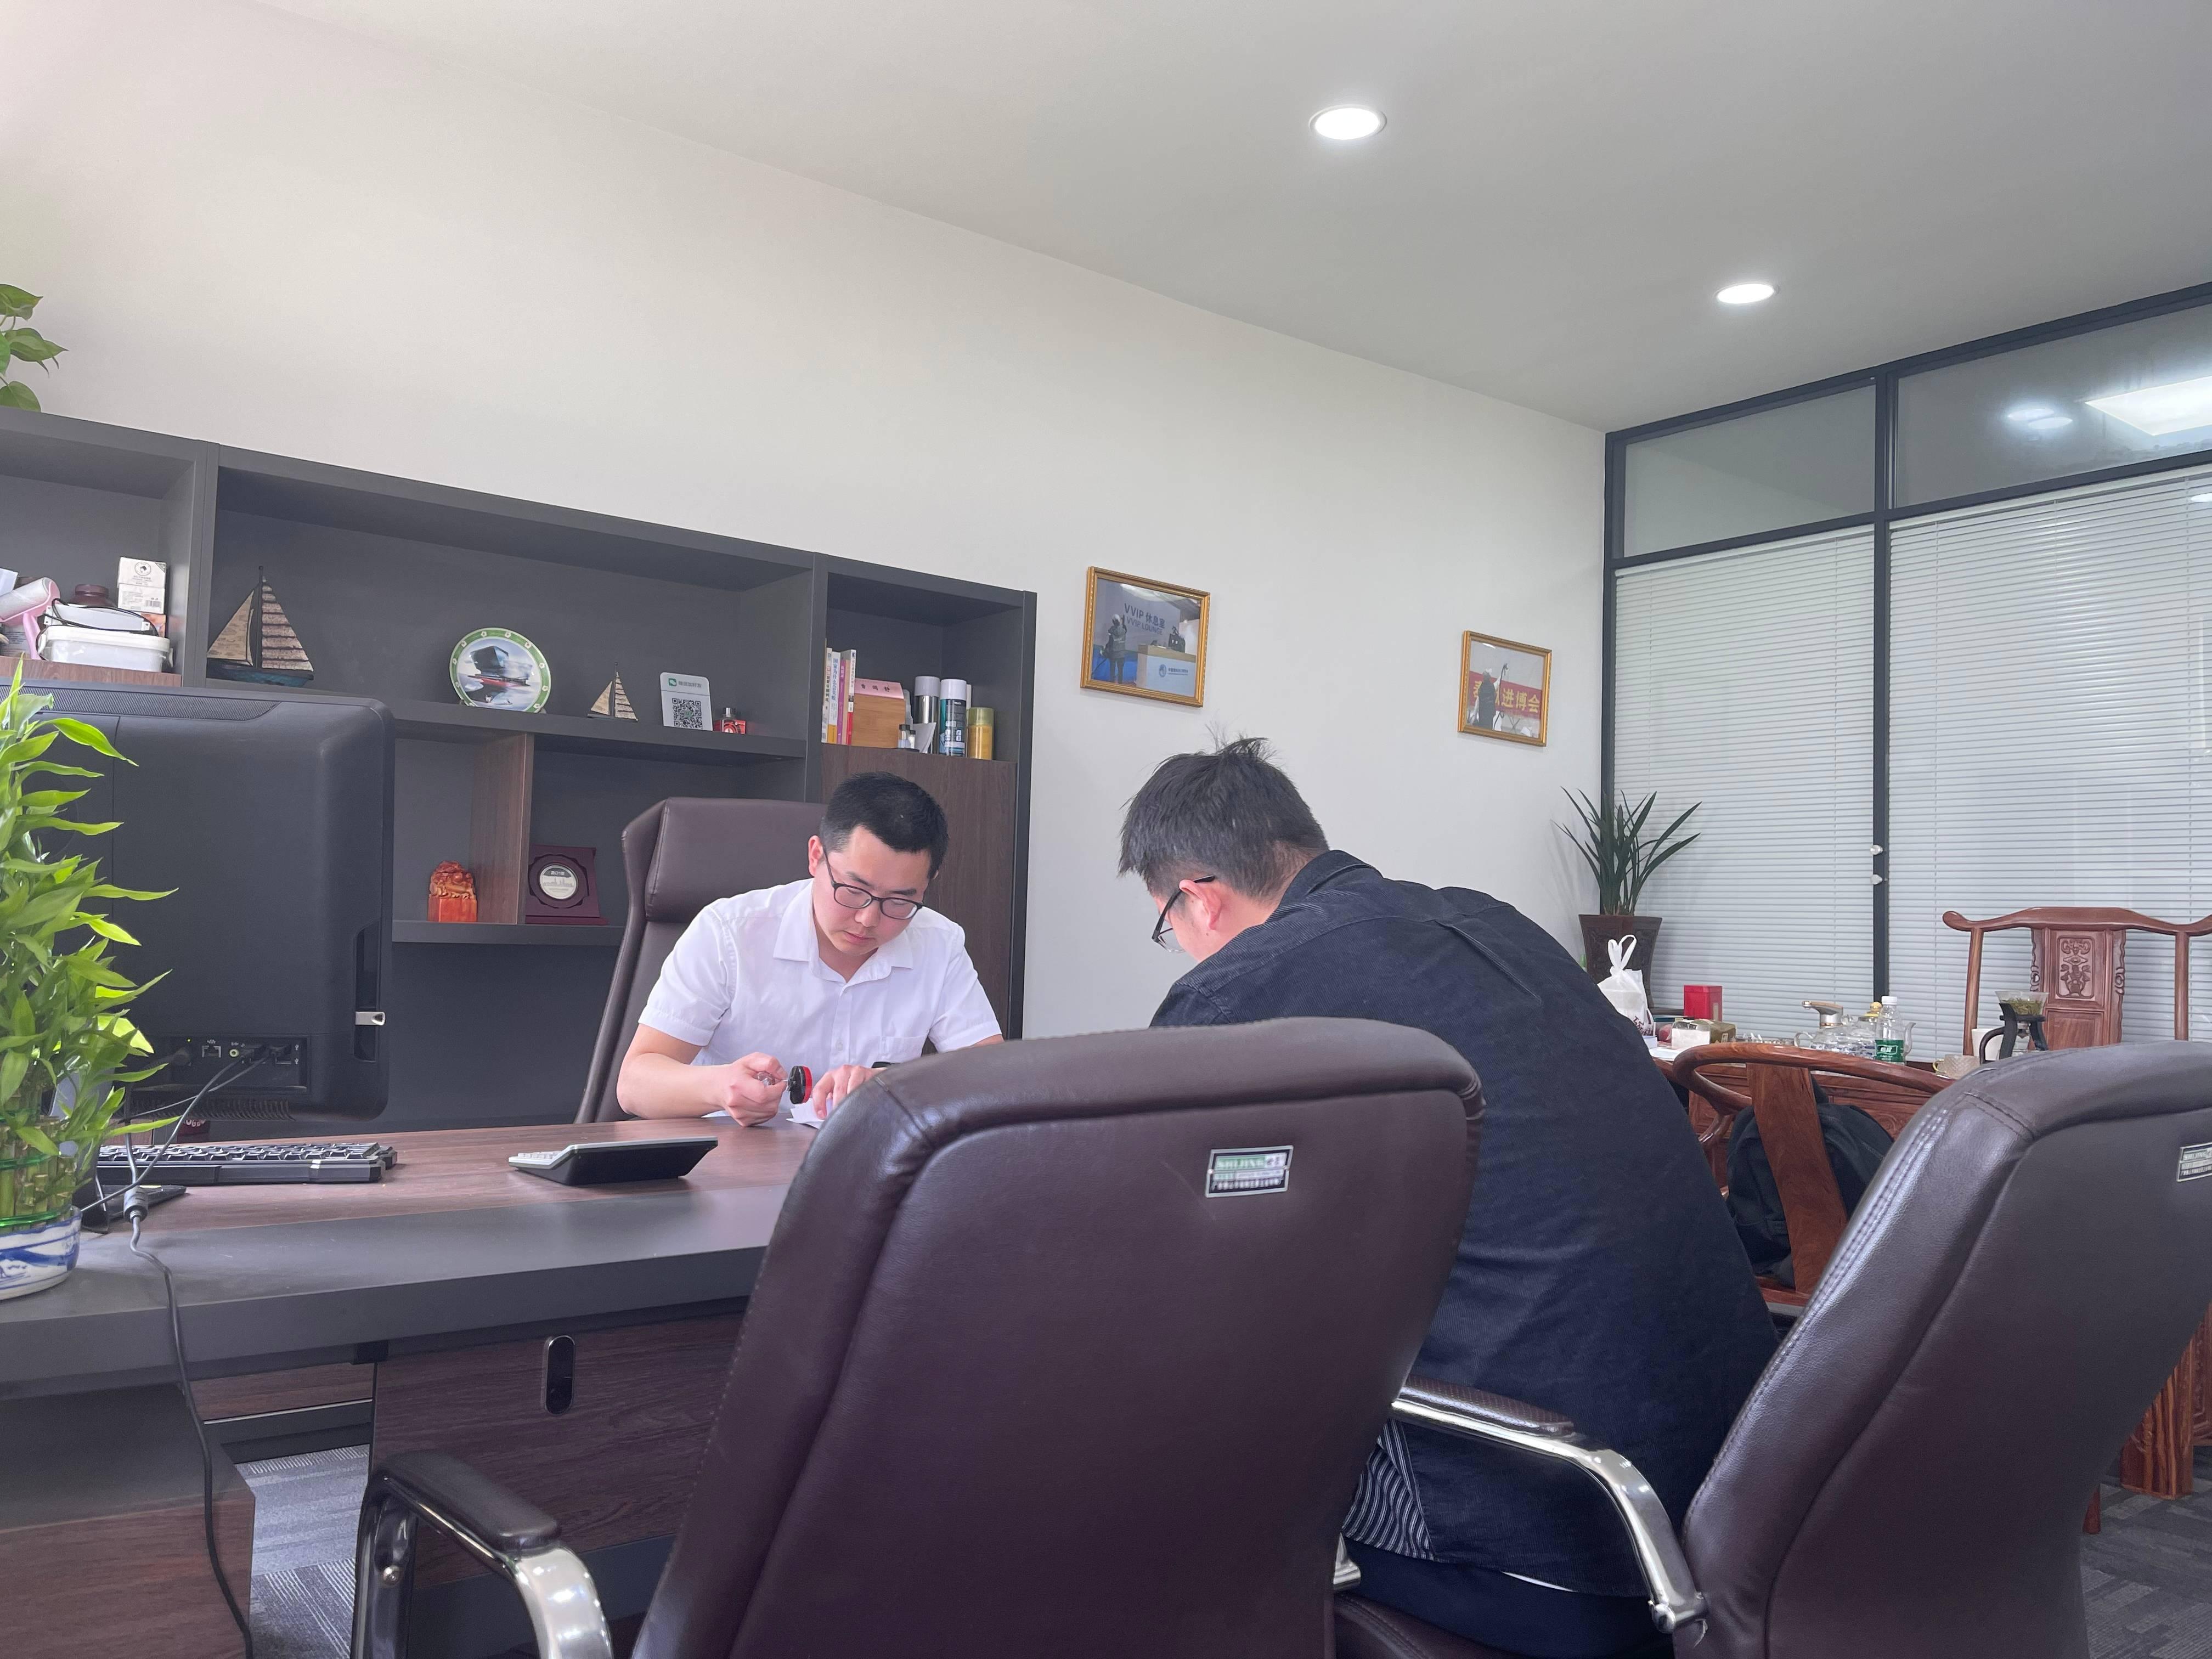 恭喜黄总加入凡斯环保除甲醛公司成为江苏省除甲醛代理商,祝生意兴隆